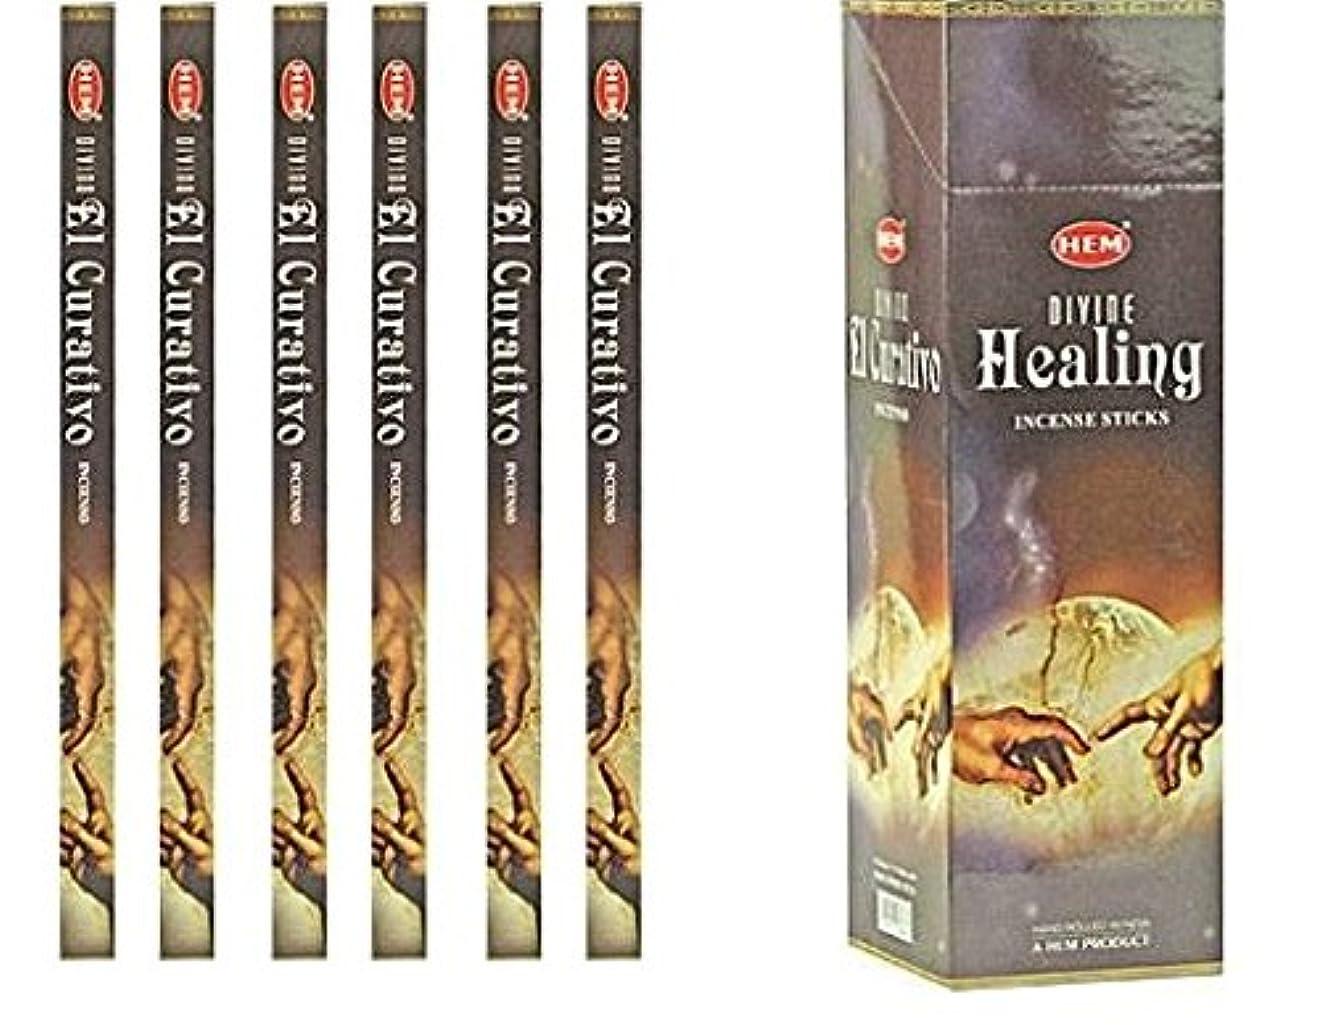 活性化する起きてコーンウォールインドHem Divine Healing Incense 6パックX 8スティック、Wicca Pagan 8 Gm正方形ボックス